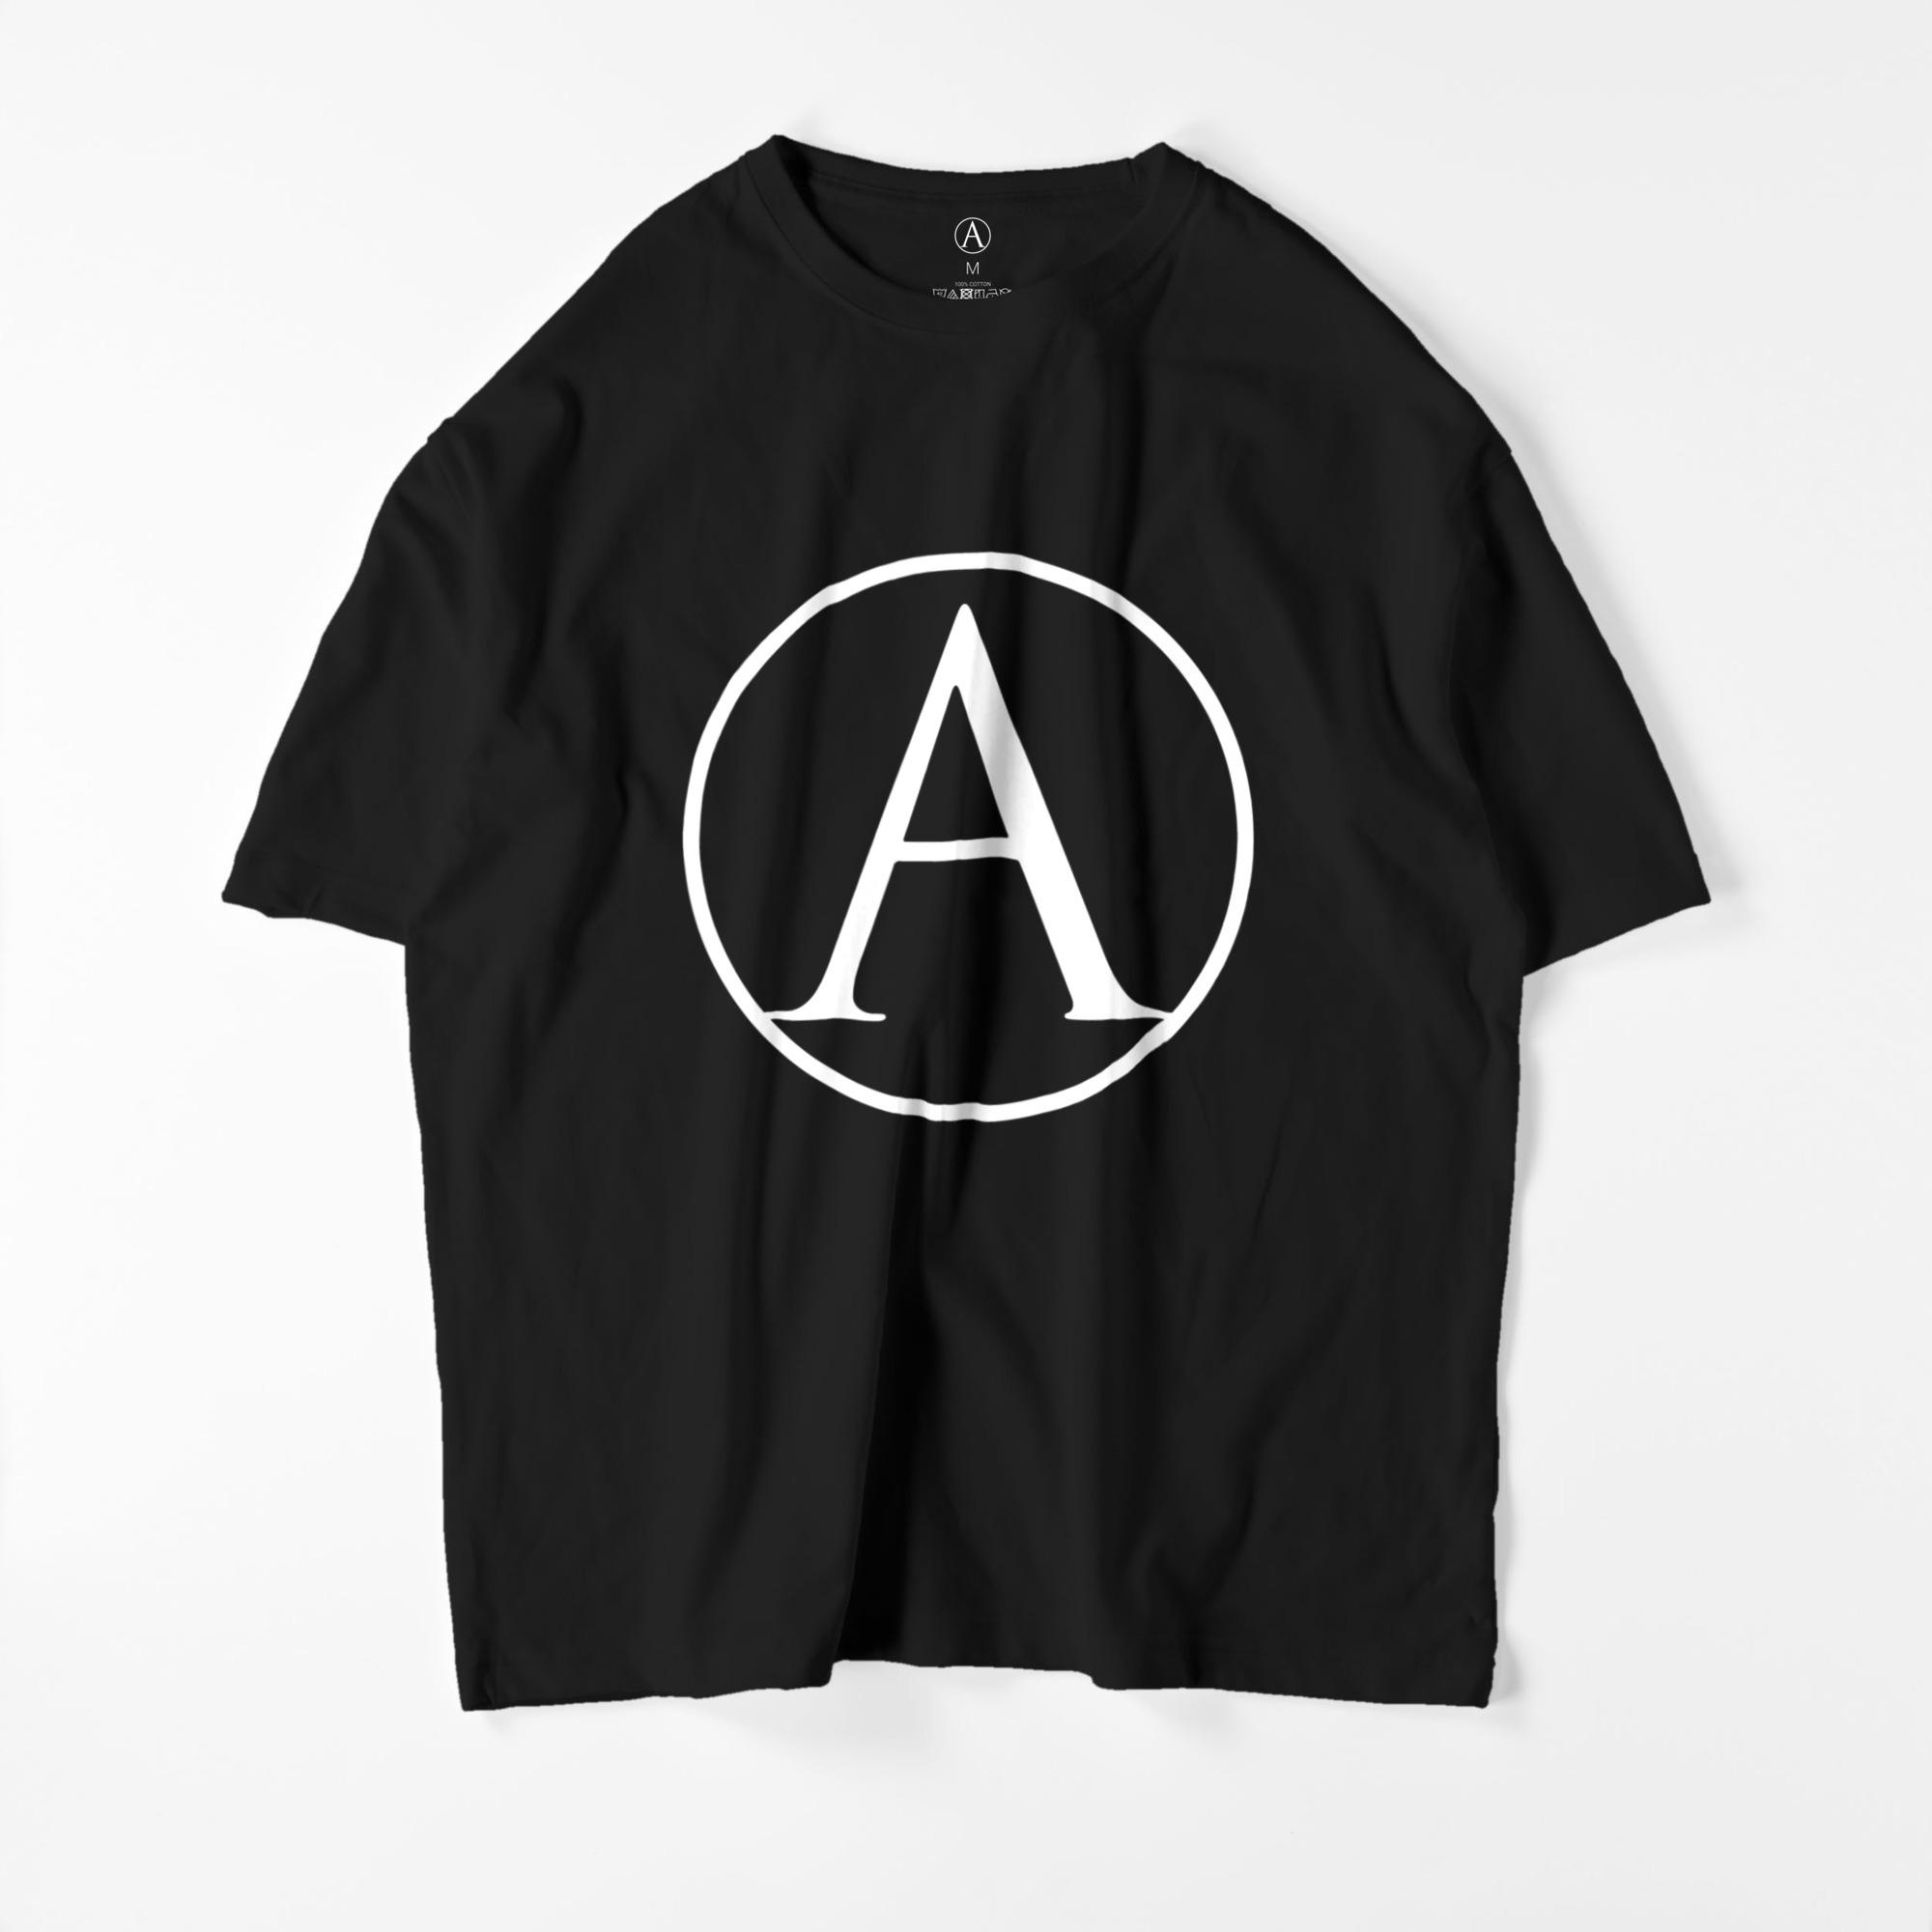 A ビッグシルエットTシャツ ブラック(白抜き) / Mens